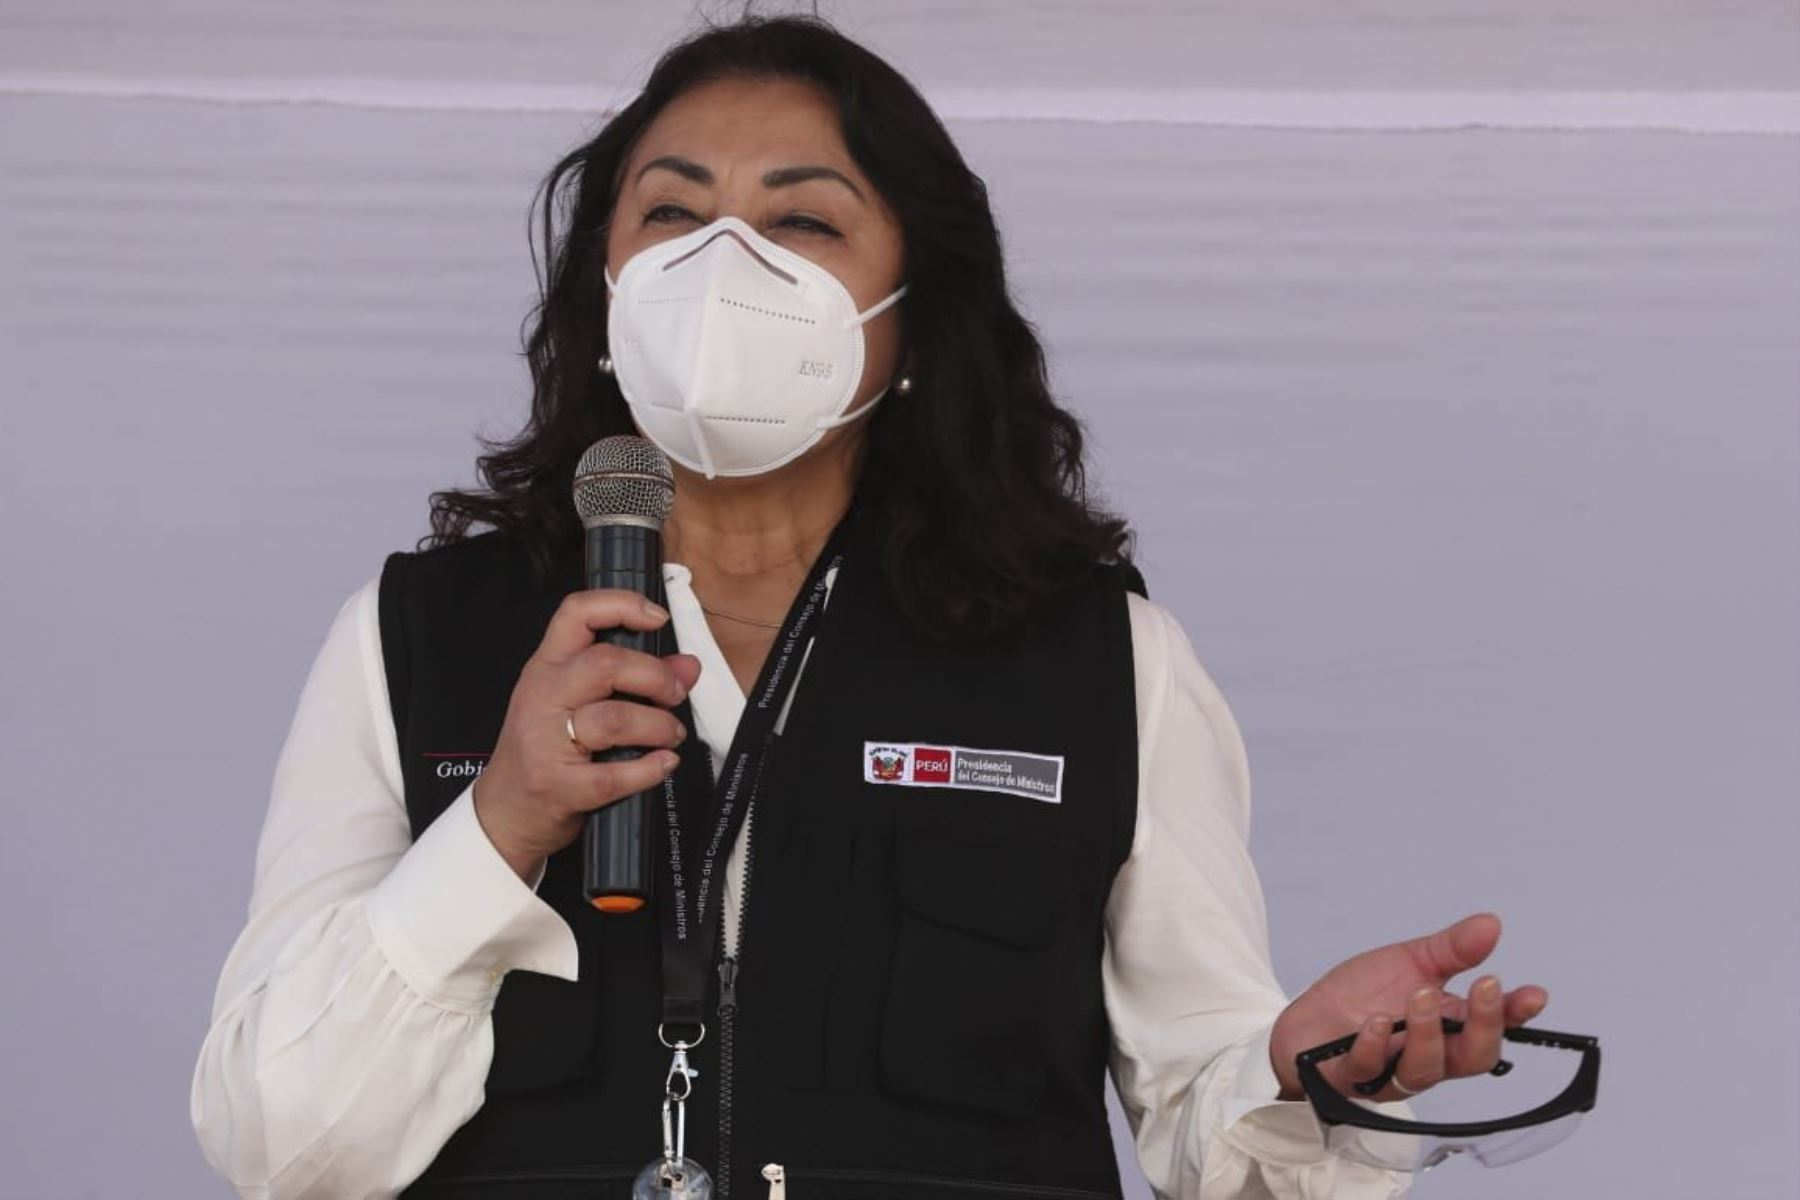 La presidenta del Consejo de Ministros, Violeta Bermúdez, lidera la inauguración del nuevo Centro de Salud de Saposoa en la provincia de Huallaga, San Martín, que beneficiará la atención primaria de esta localidad. Foto: PCM